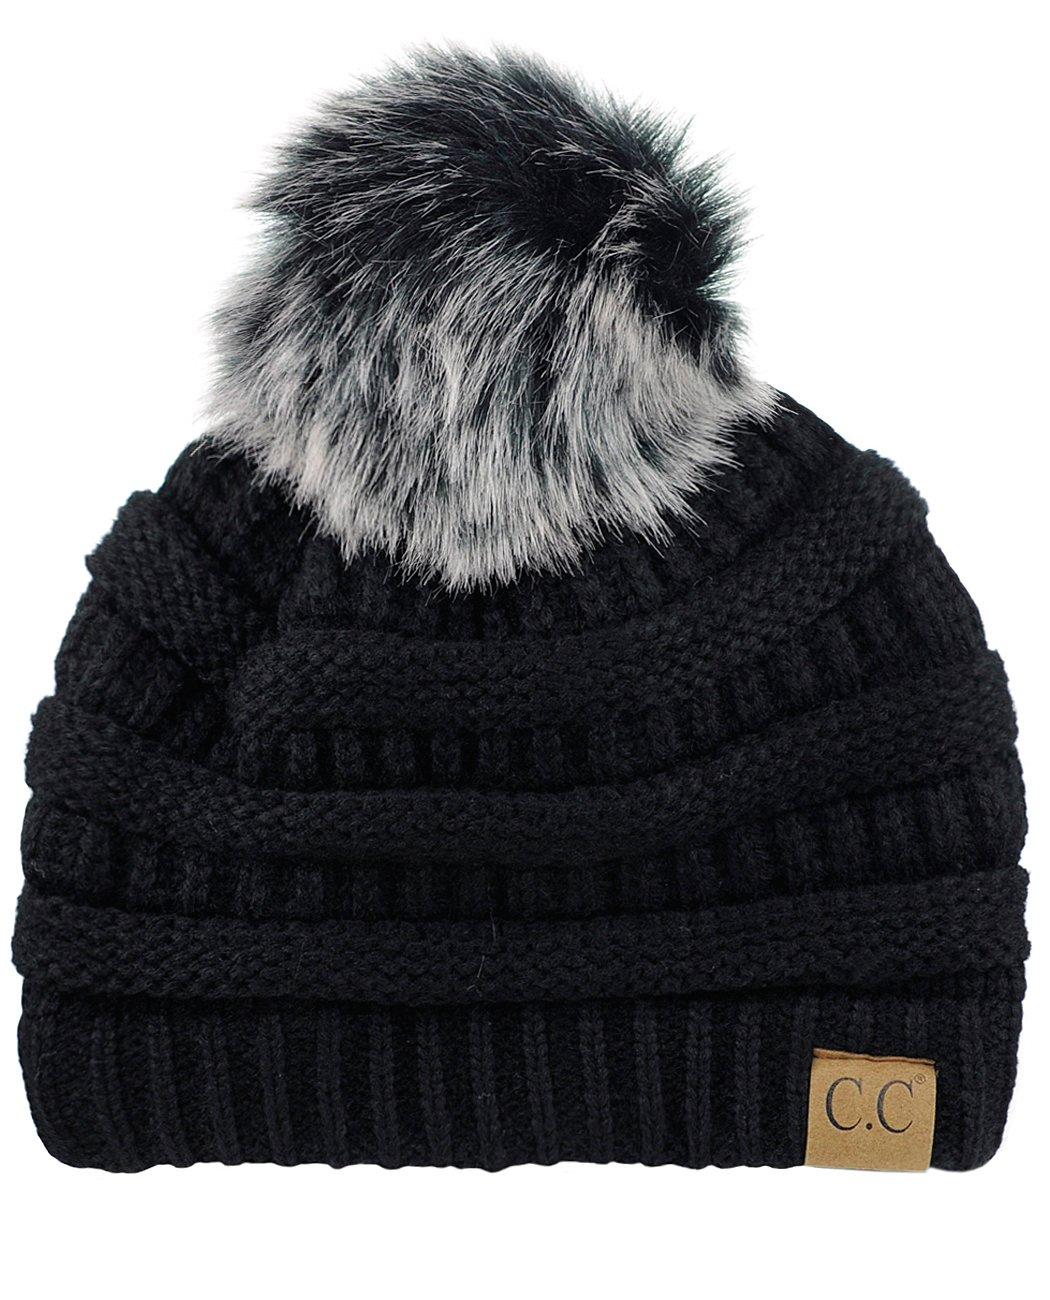 NYFASHION101 Exclusive Soft Stretch Cable Knit Faux Fur Pom Pom Beanie Hat - Black/Gray Pom